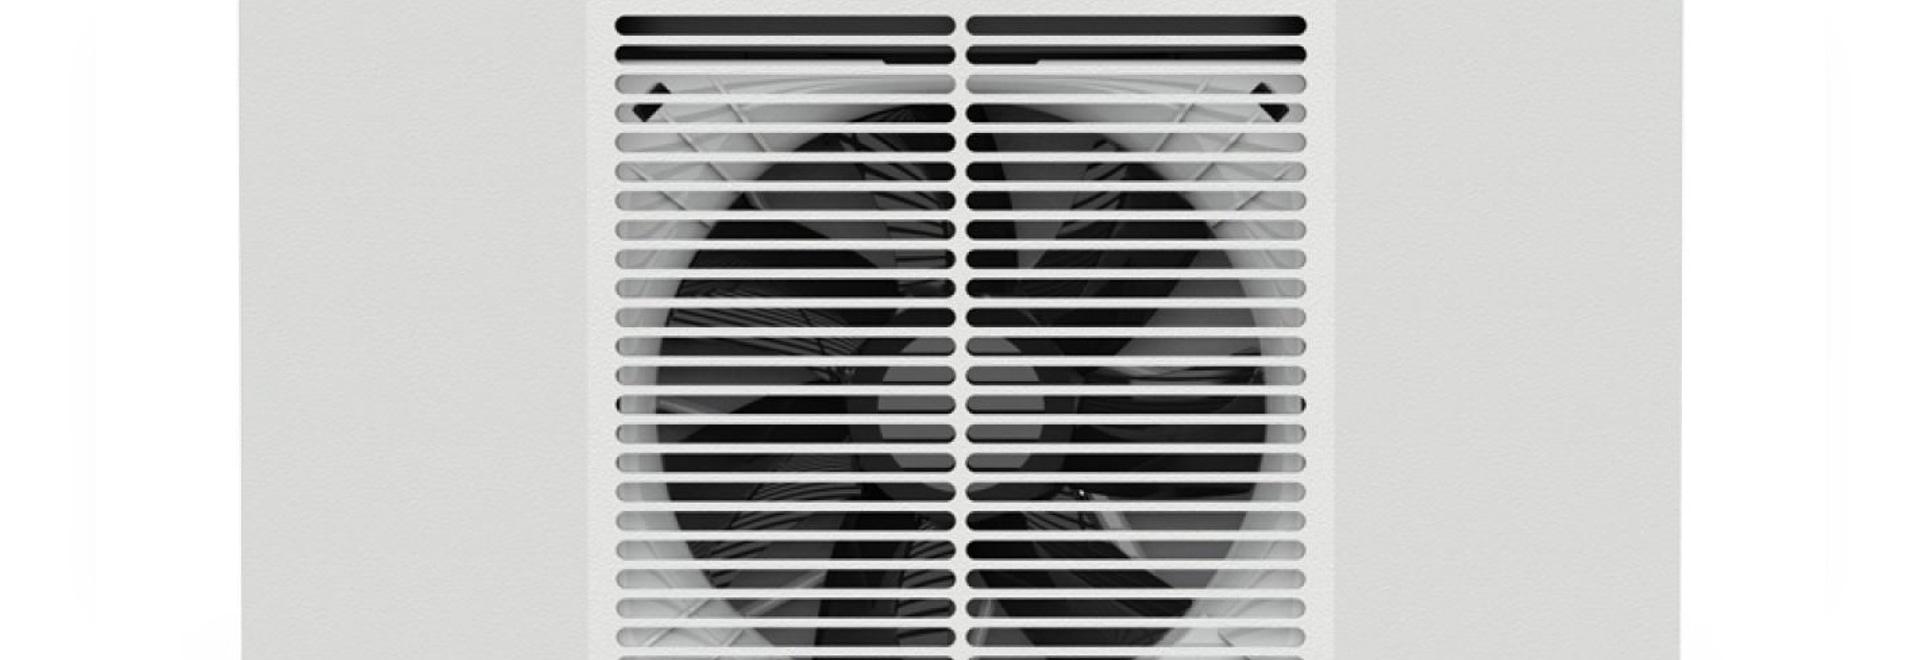 Quel est le point de consigne de température approprié pour mon coffret électrique ?